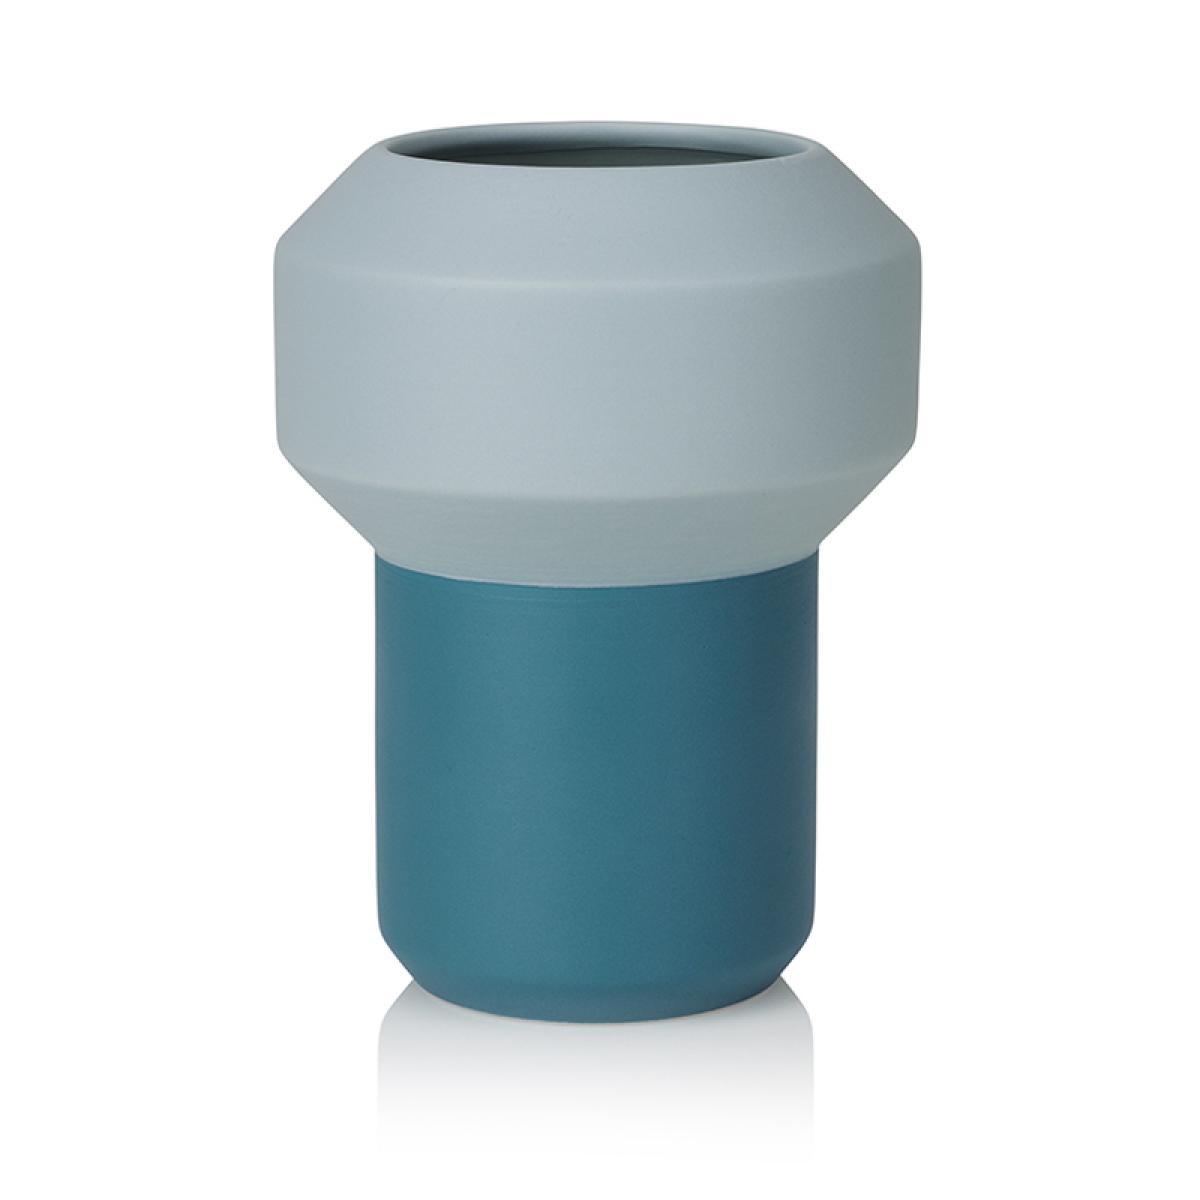 grand vase bleu clair lucie kaas